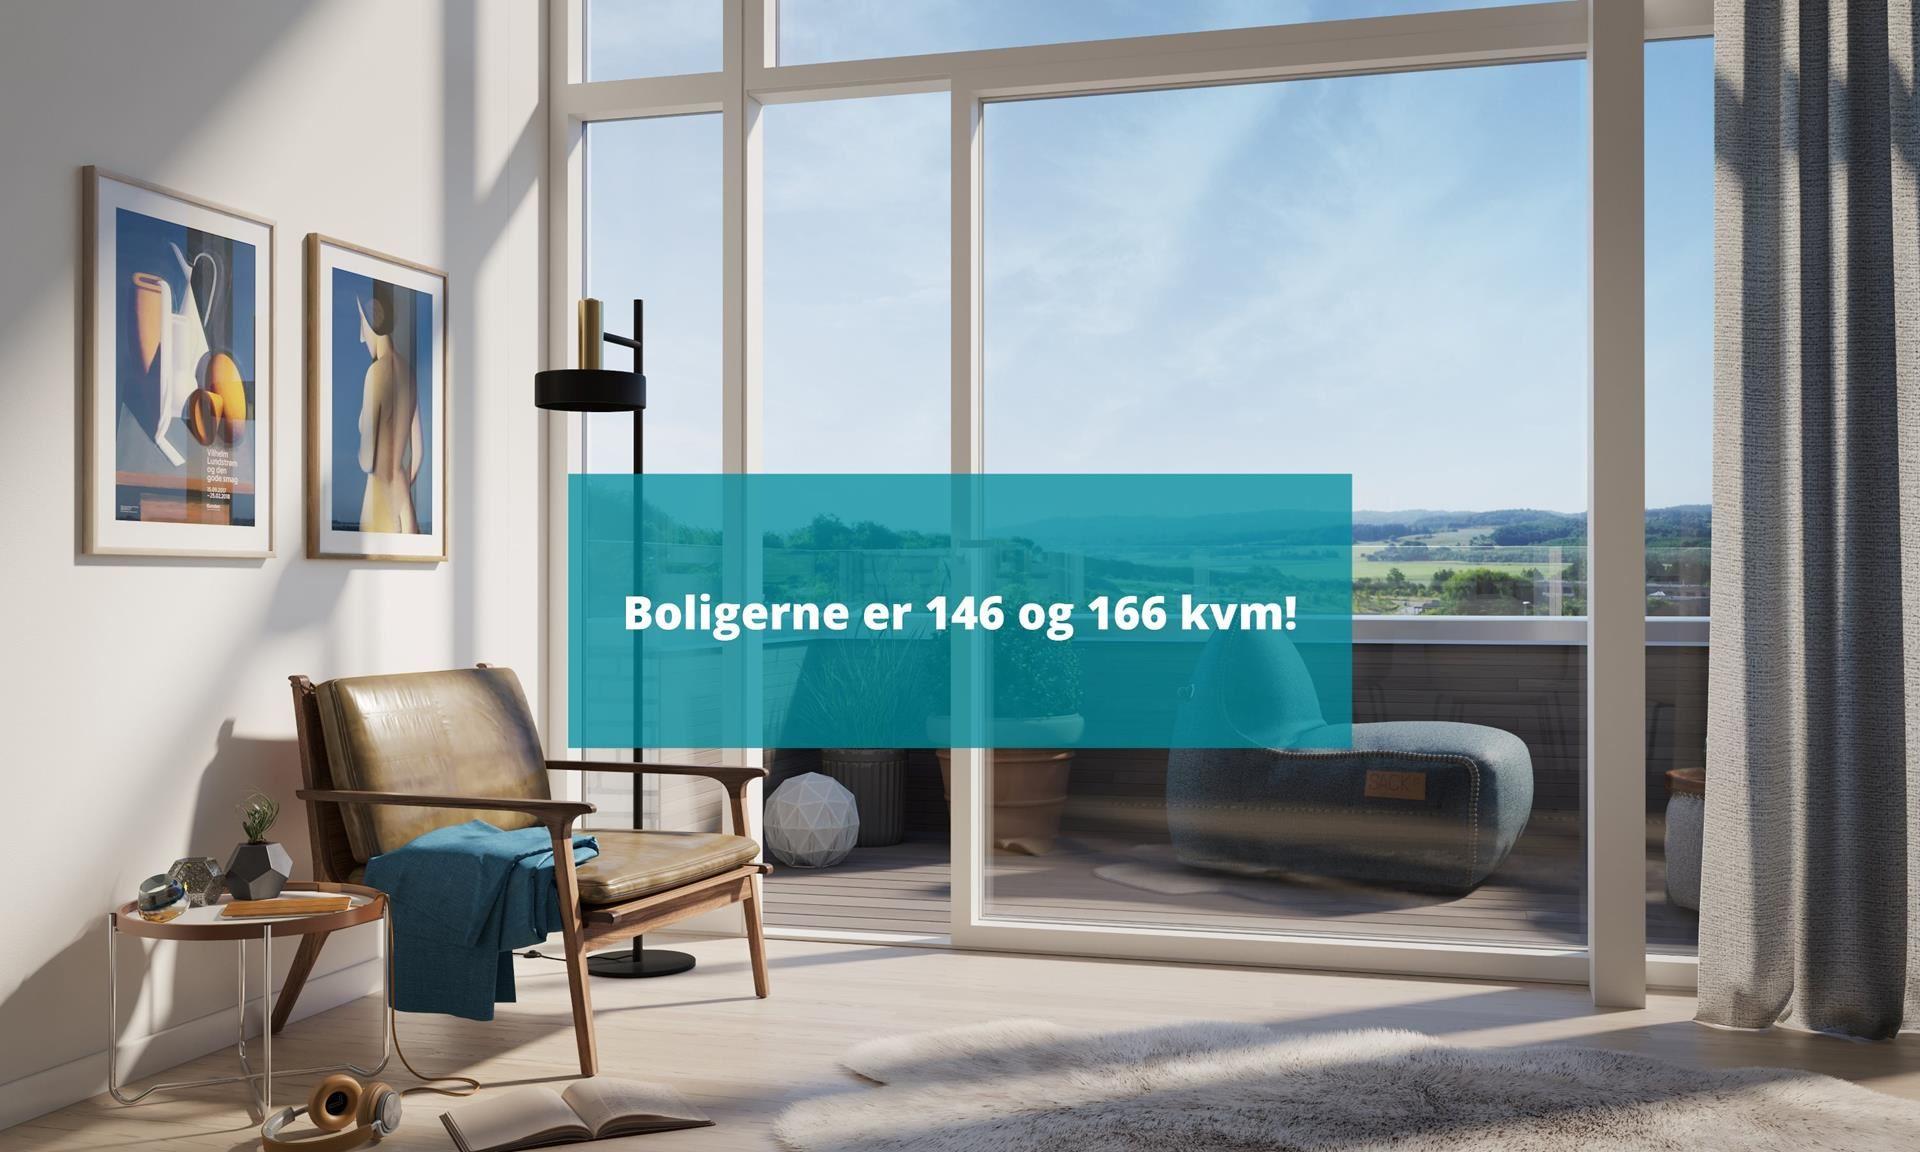 Gaias Alle 18, 9210 Aalborg SØ